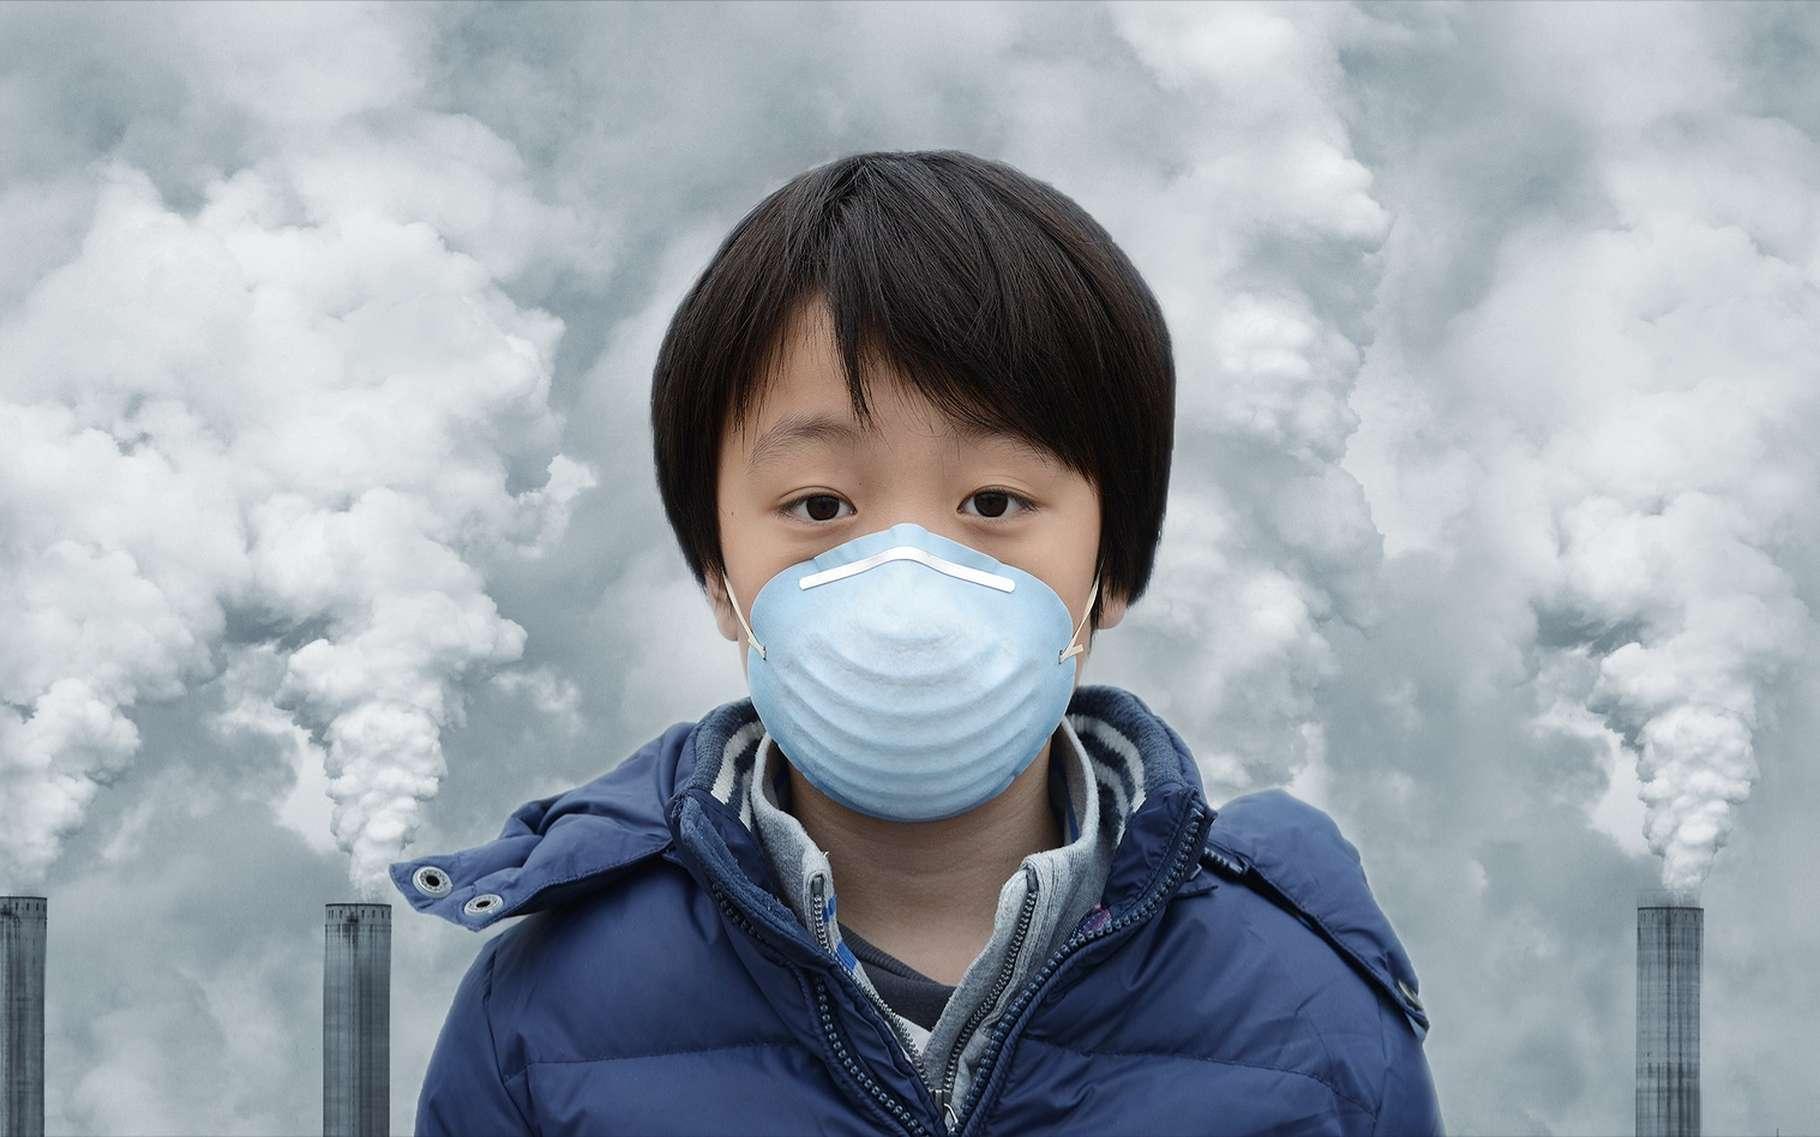 Le changement climatique impactera la santé des enfants nés aujourd'hui et pour toute leur vie. © Hung Chung Chih, Shutterstock